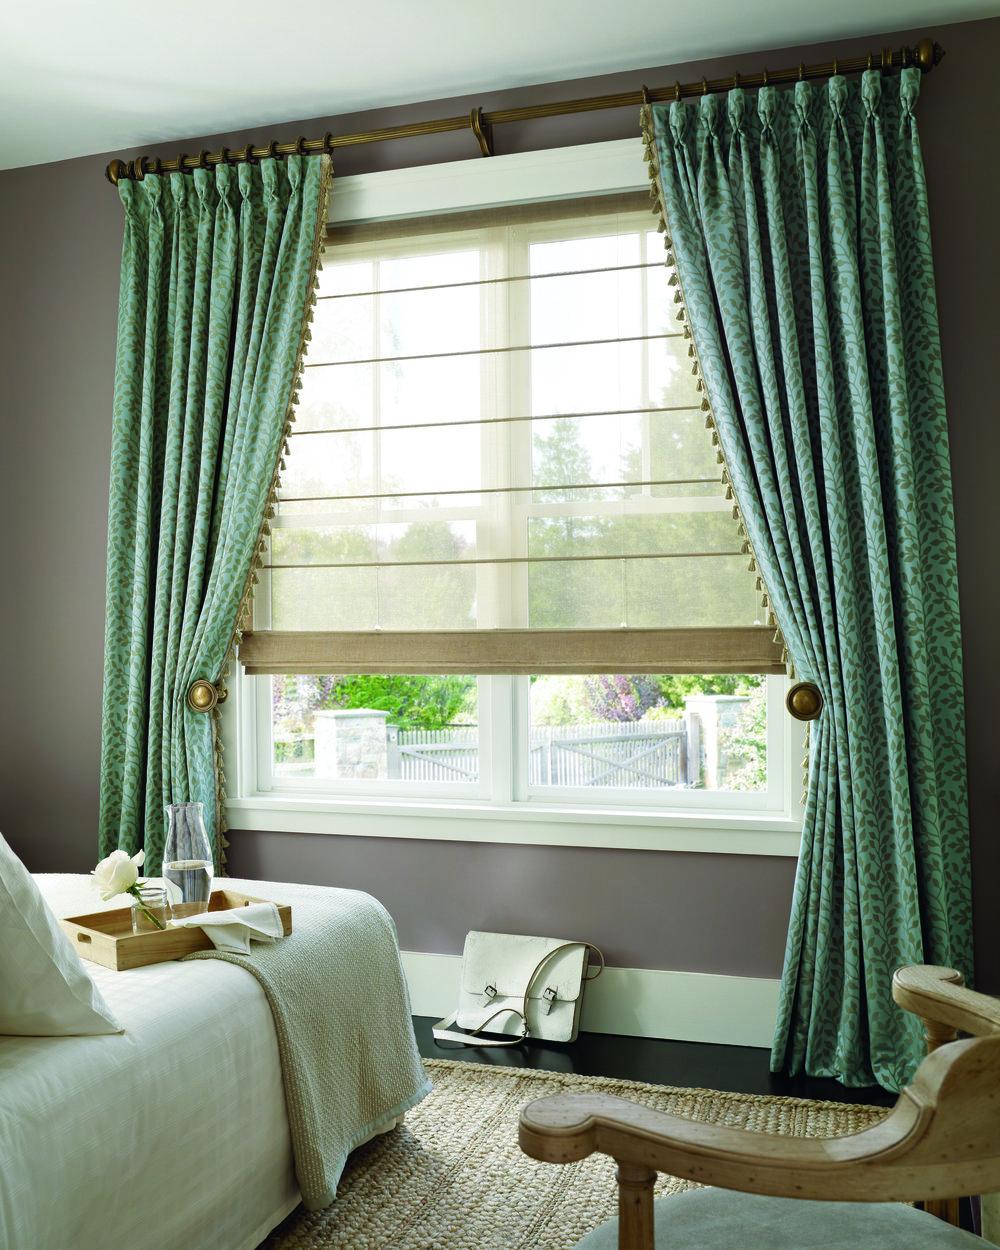 dstudio_easyrise_bedroom_2 (1).jpg